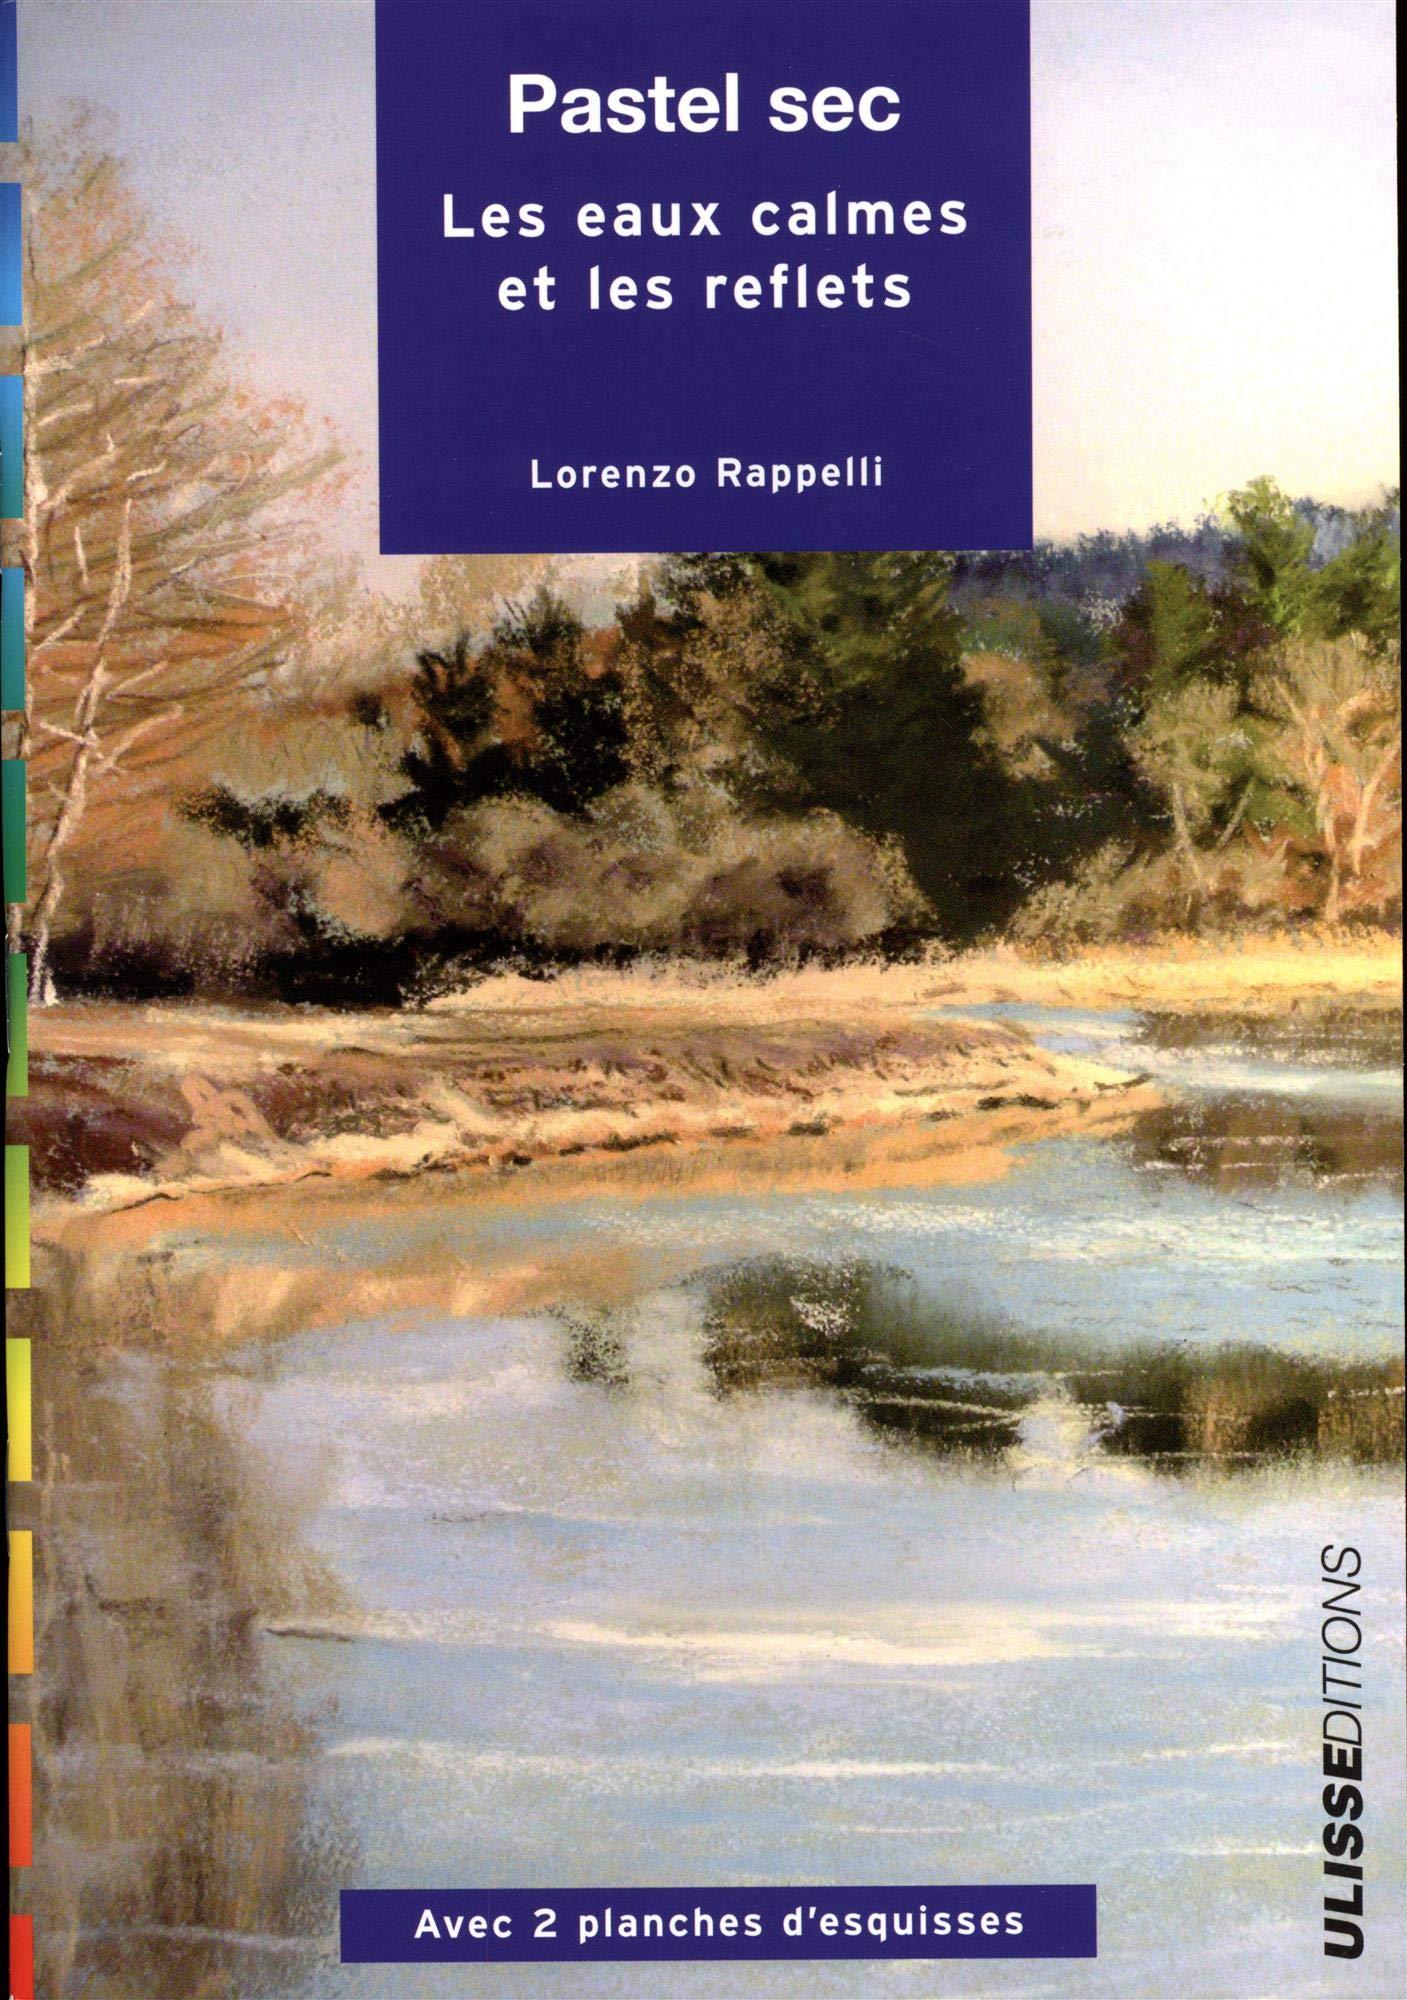 Pastel sec : Les eaux calmes et les reflets por Lorenzo Rappelli